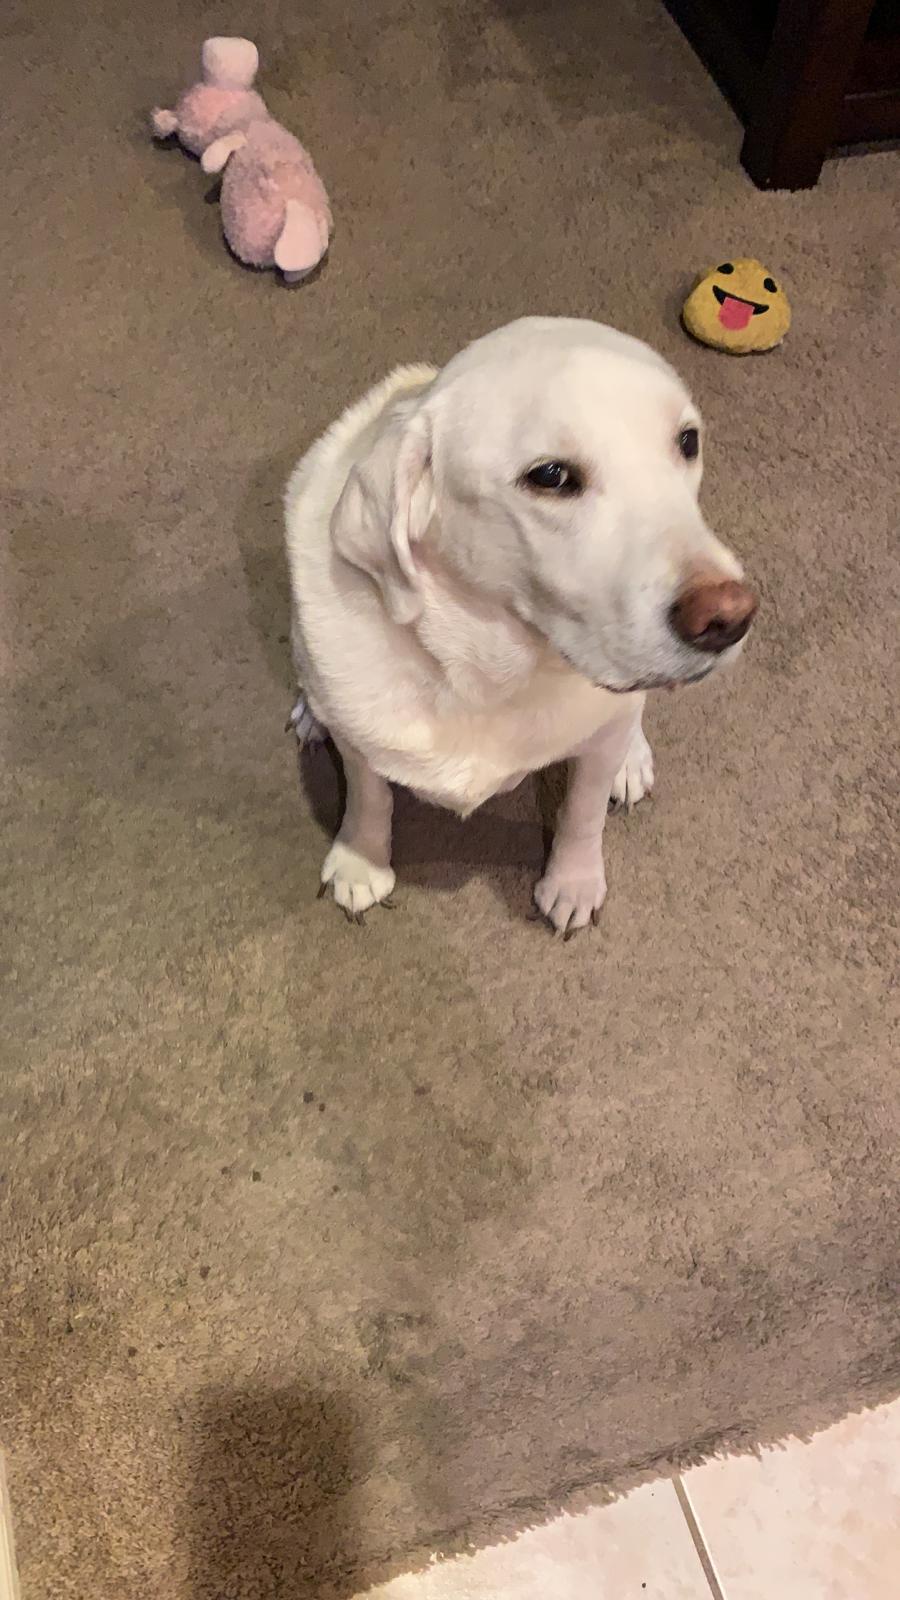 Dog giving sideeye